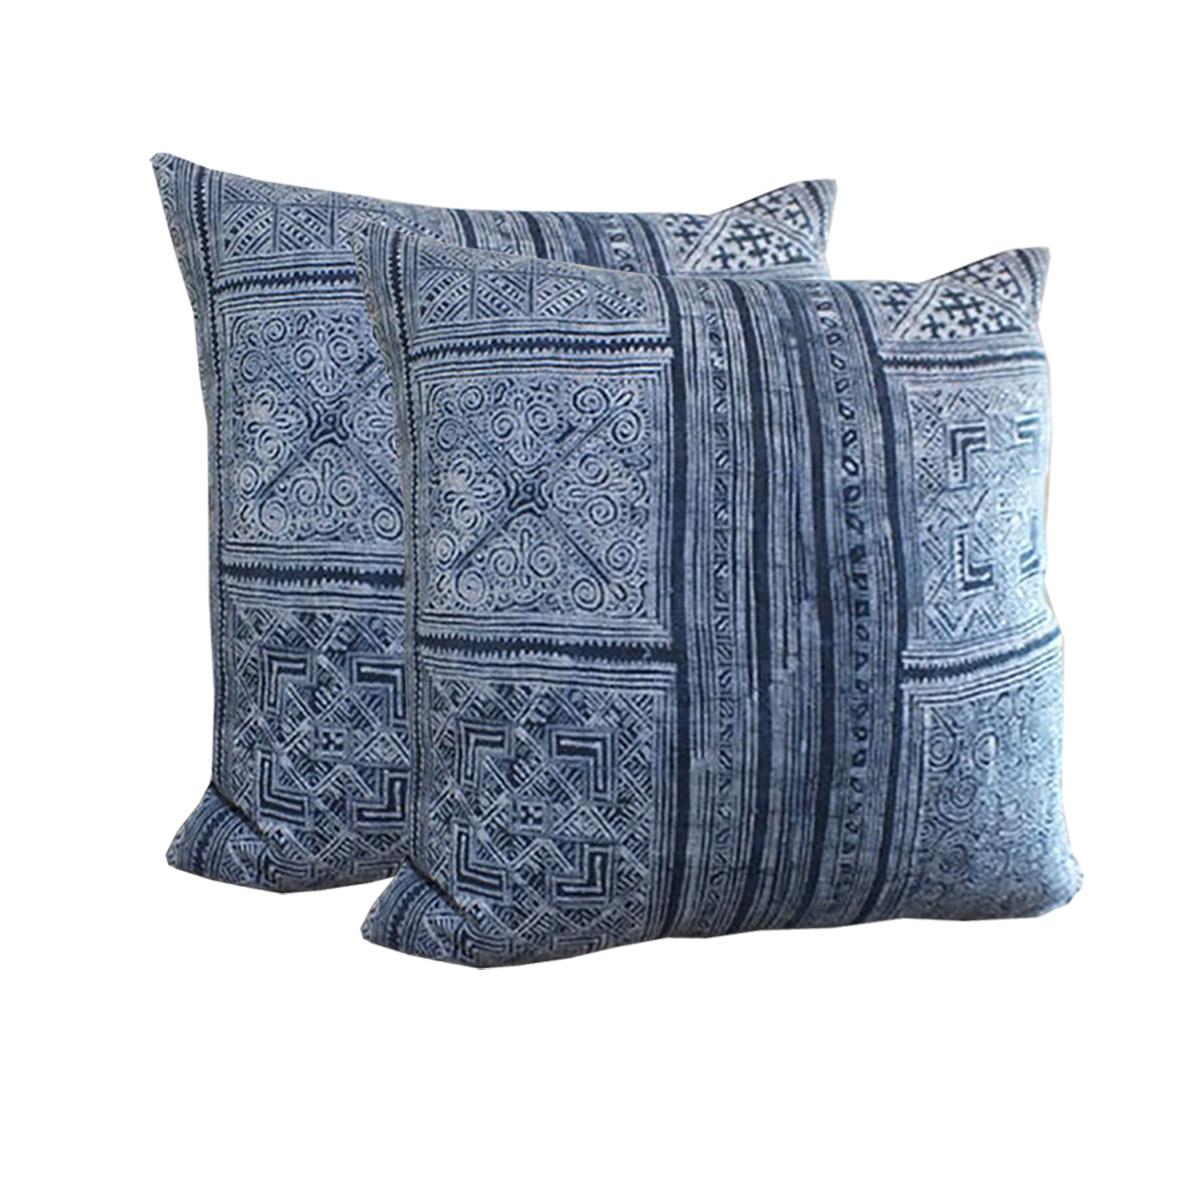 Hemp Cushions